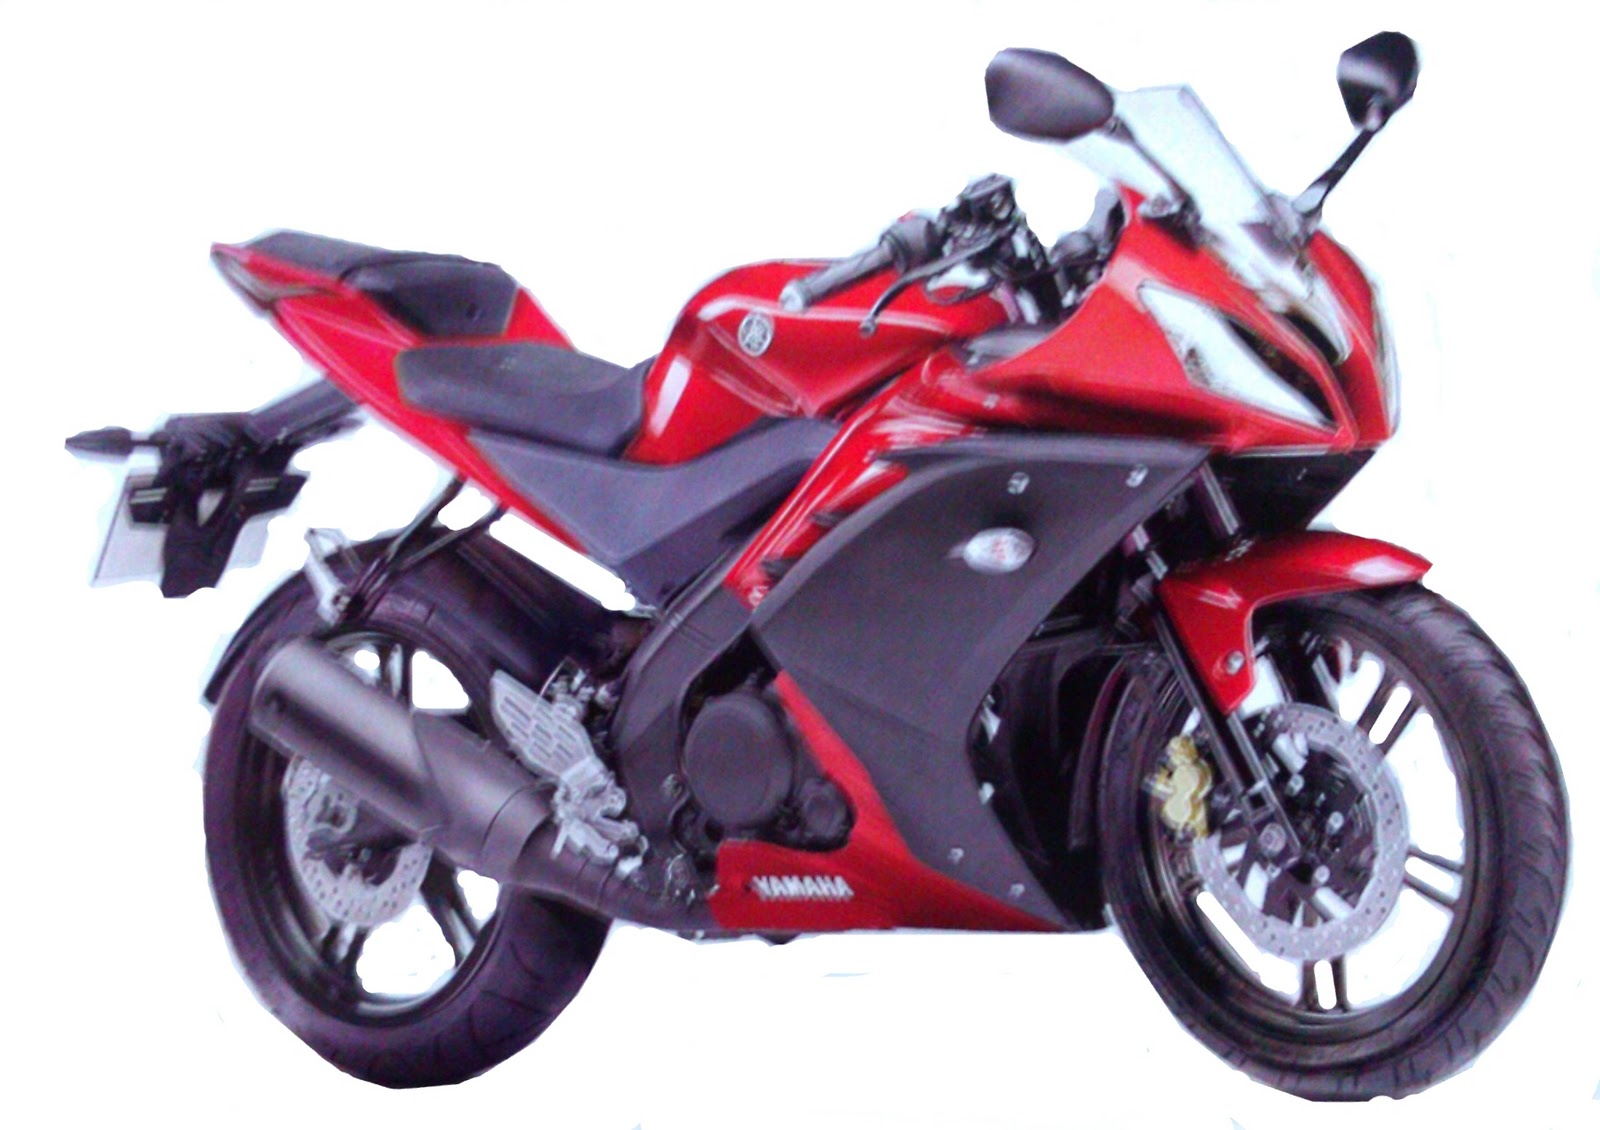 http://3.bp.blogspot.com/_rhK-scZJVA8/TVAdQX-eOJI/AAAAAAAALxA/MStSBAsEIHg/s1600/New_Yamaha_R15.jpg